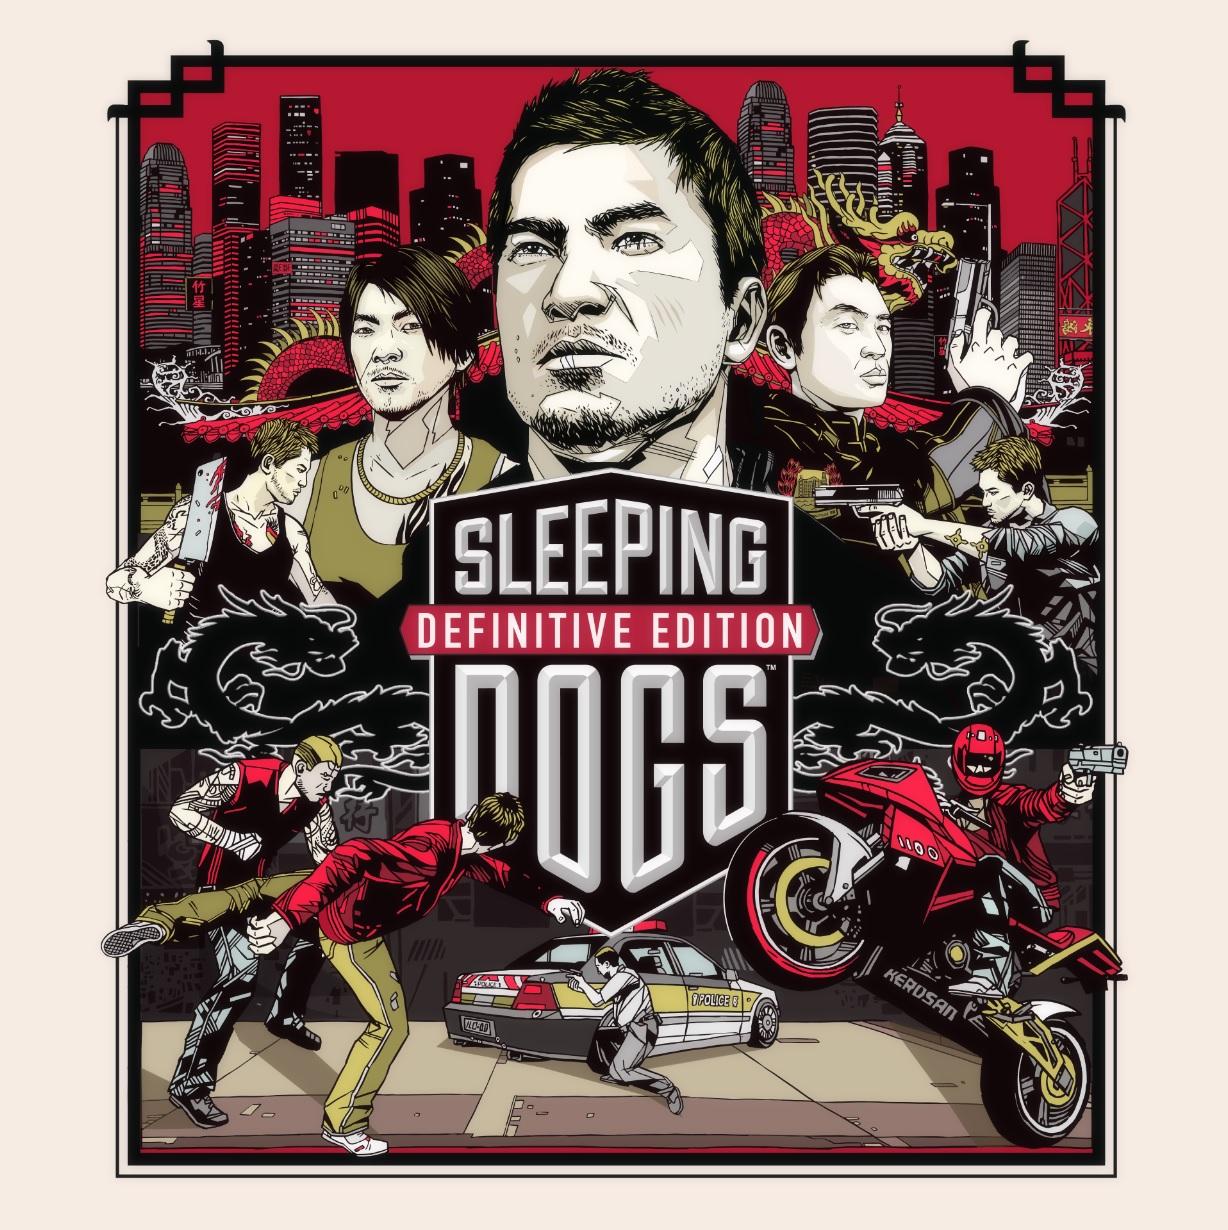 коды на игру sleeping dogs на деньги